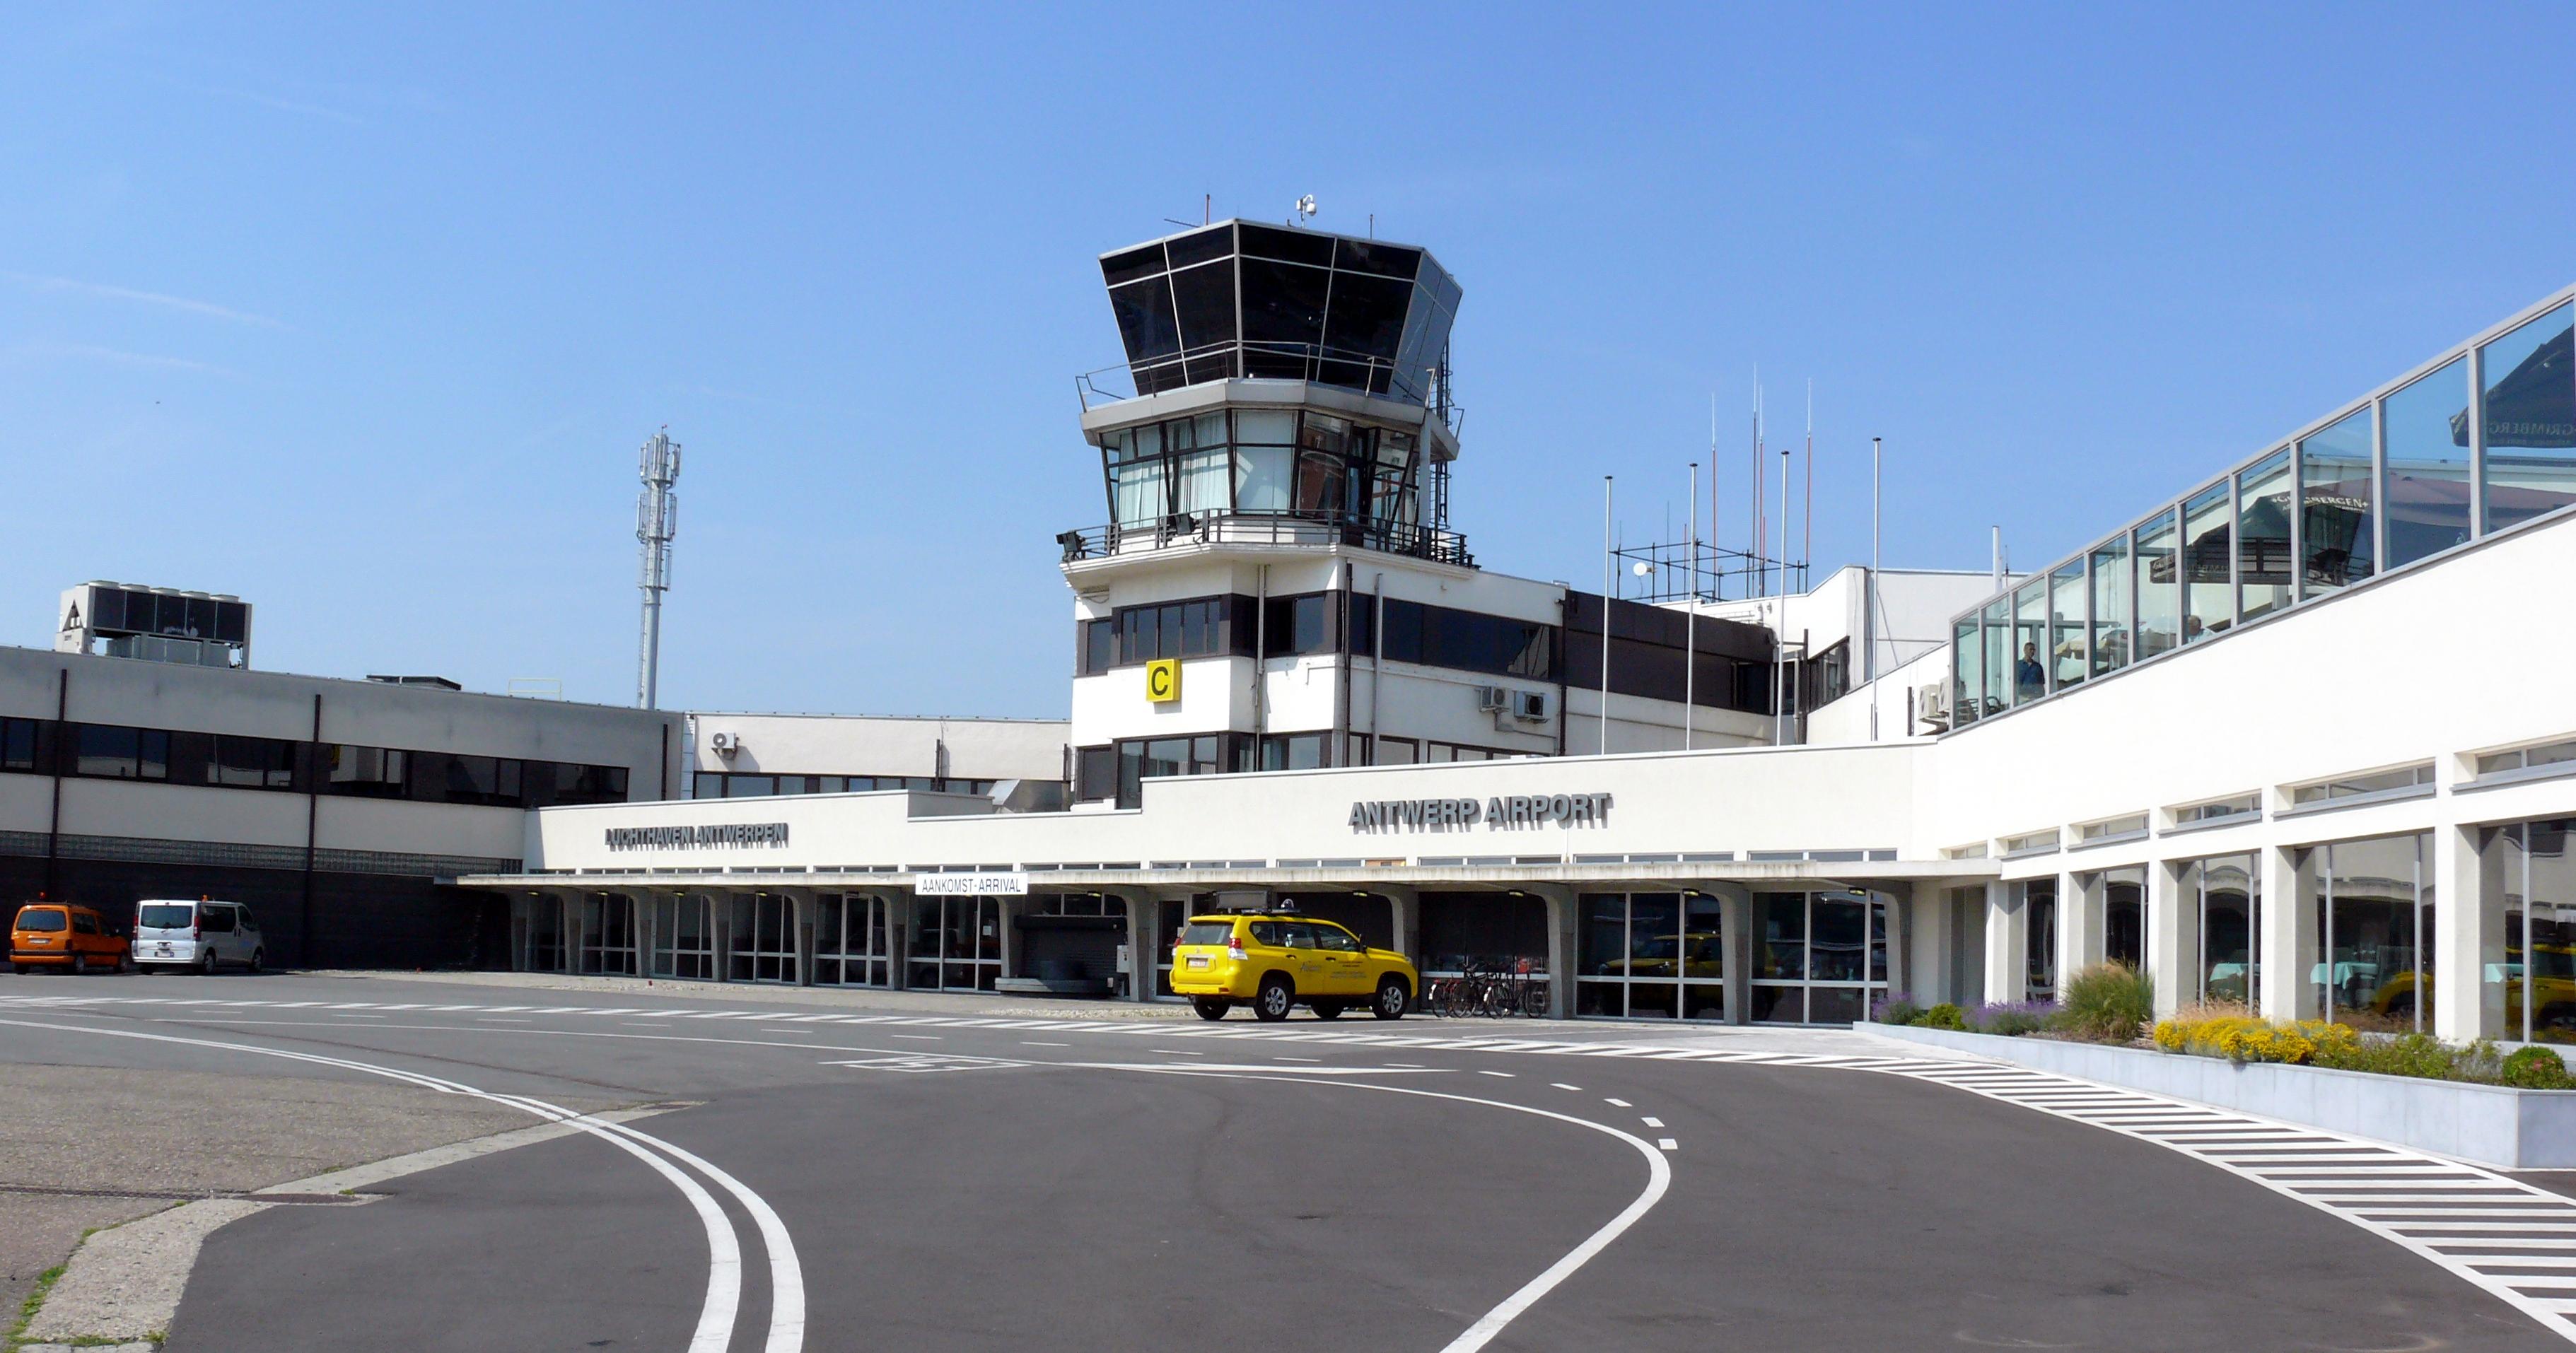 空港アントワープ(アントワープ空港)。 公式sayt.2